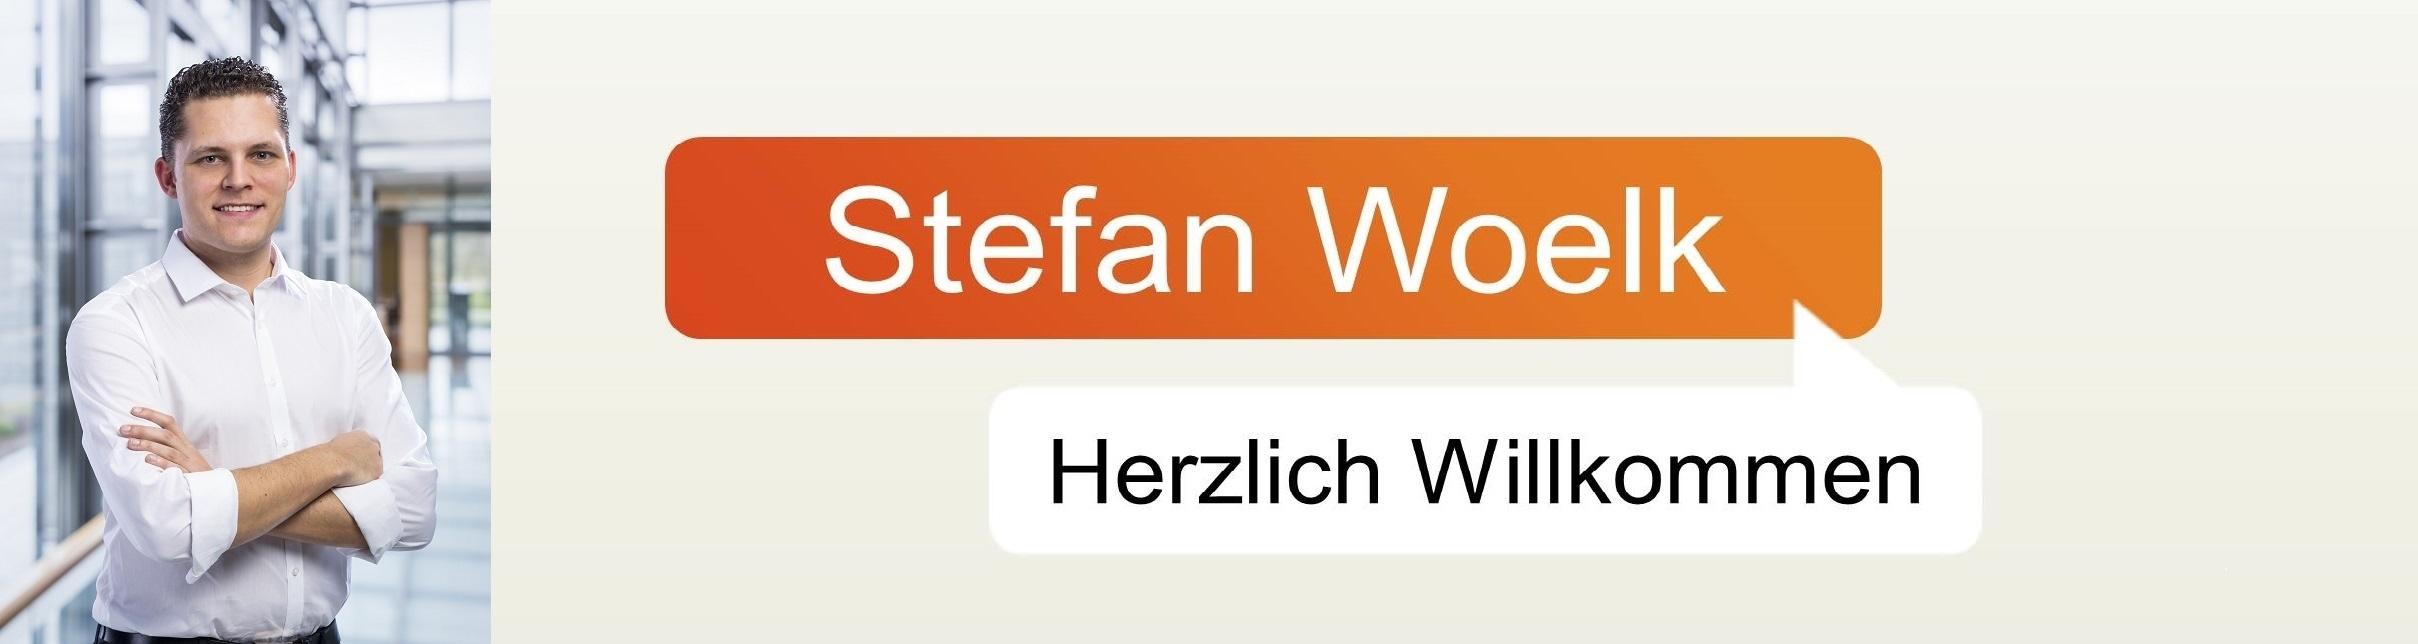 Stefan Woelk - für den Iserlohner Norden